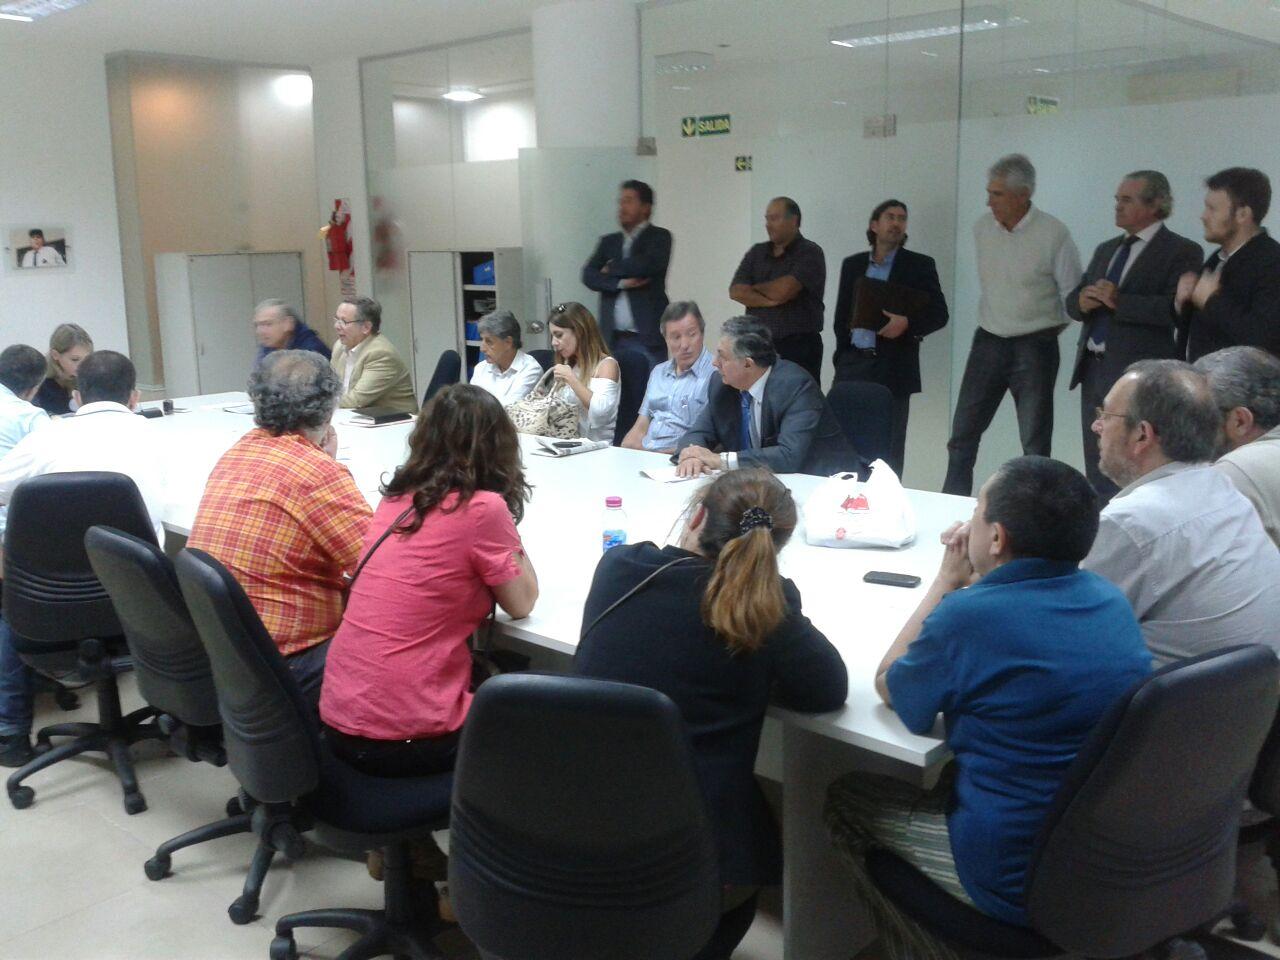 #ParitariasPrensaYa|Sin acuerdo, continúan las asambleas. Habrá plenario el miércoles en el gremio